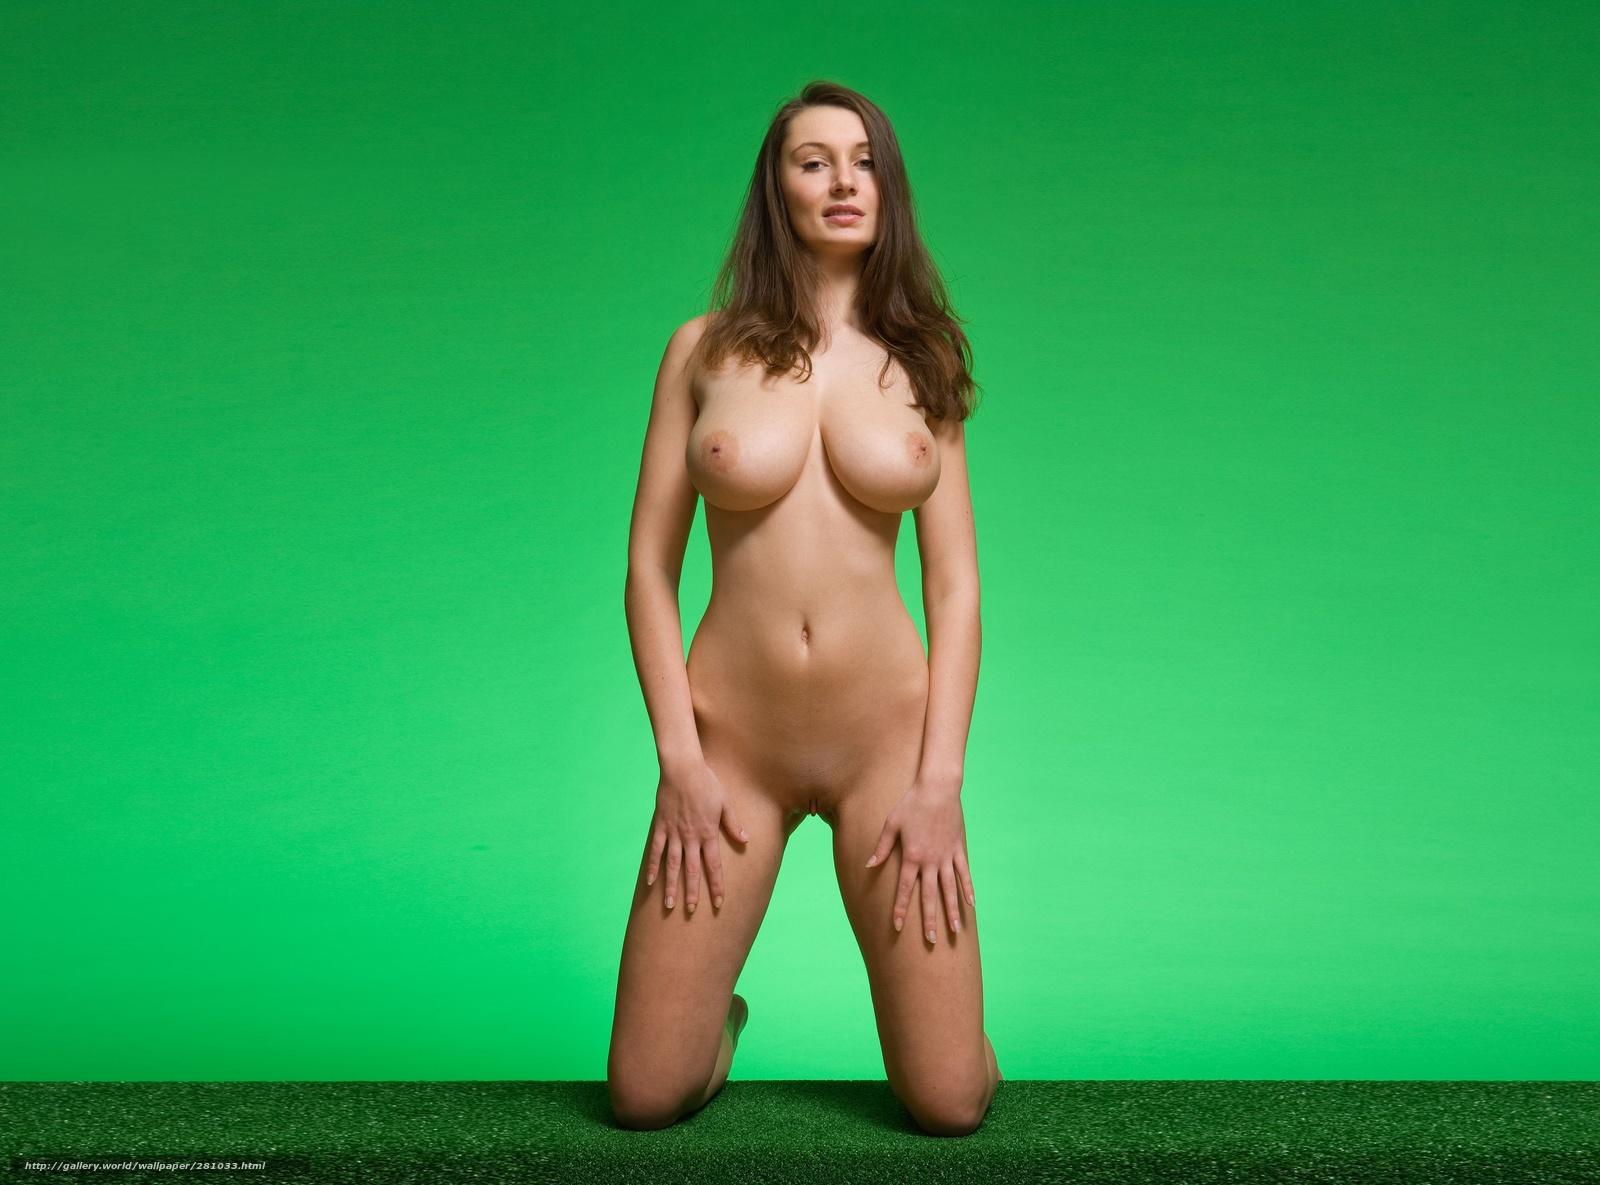 Стройная девушка с большой грудью порно онлайн 21 фотография